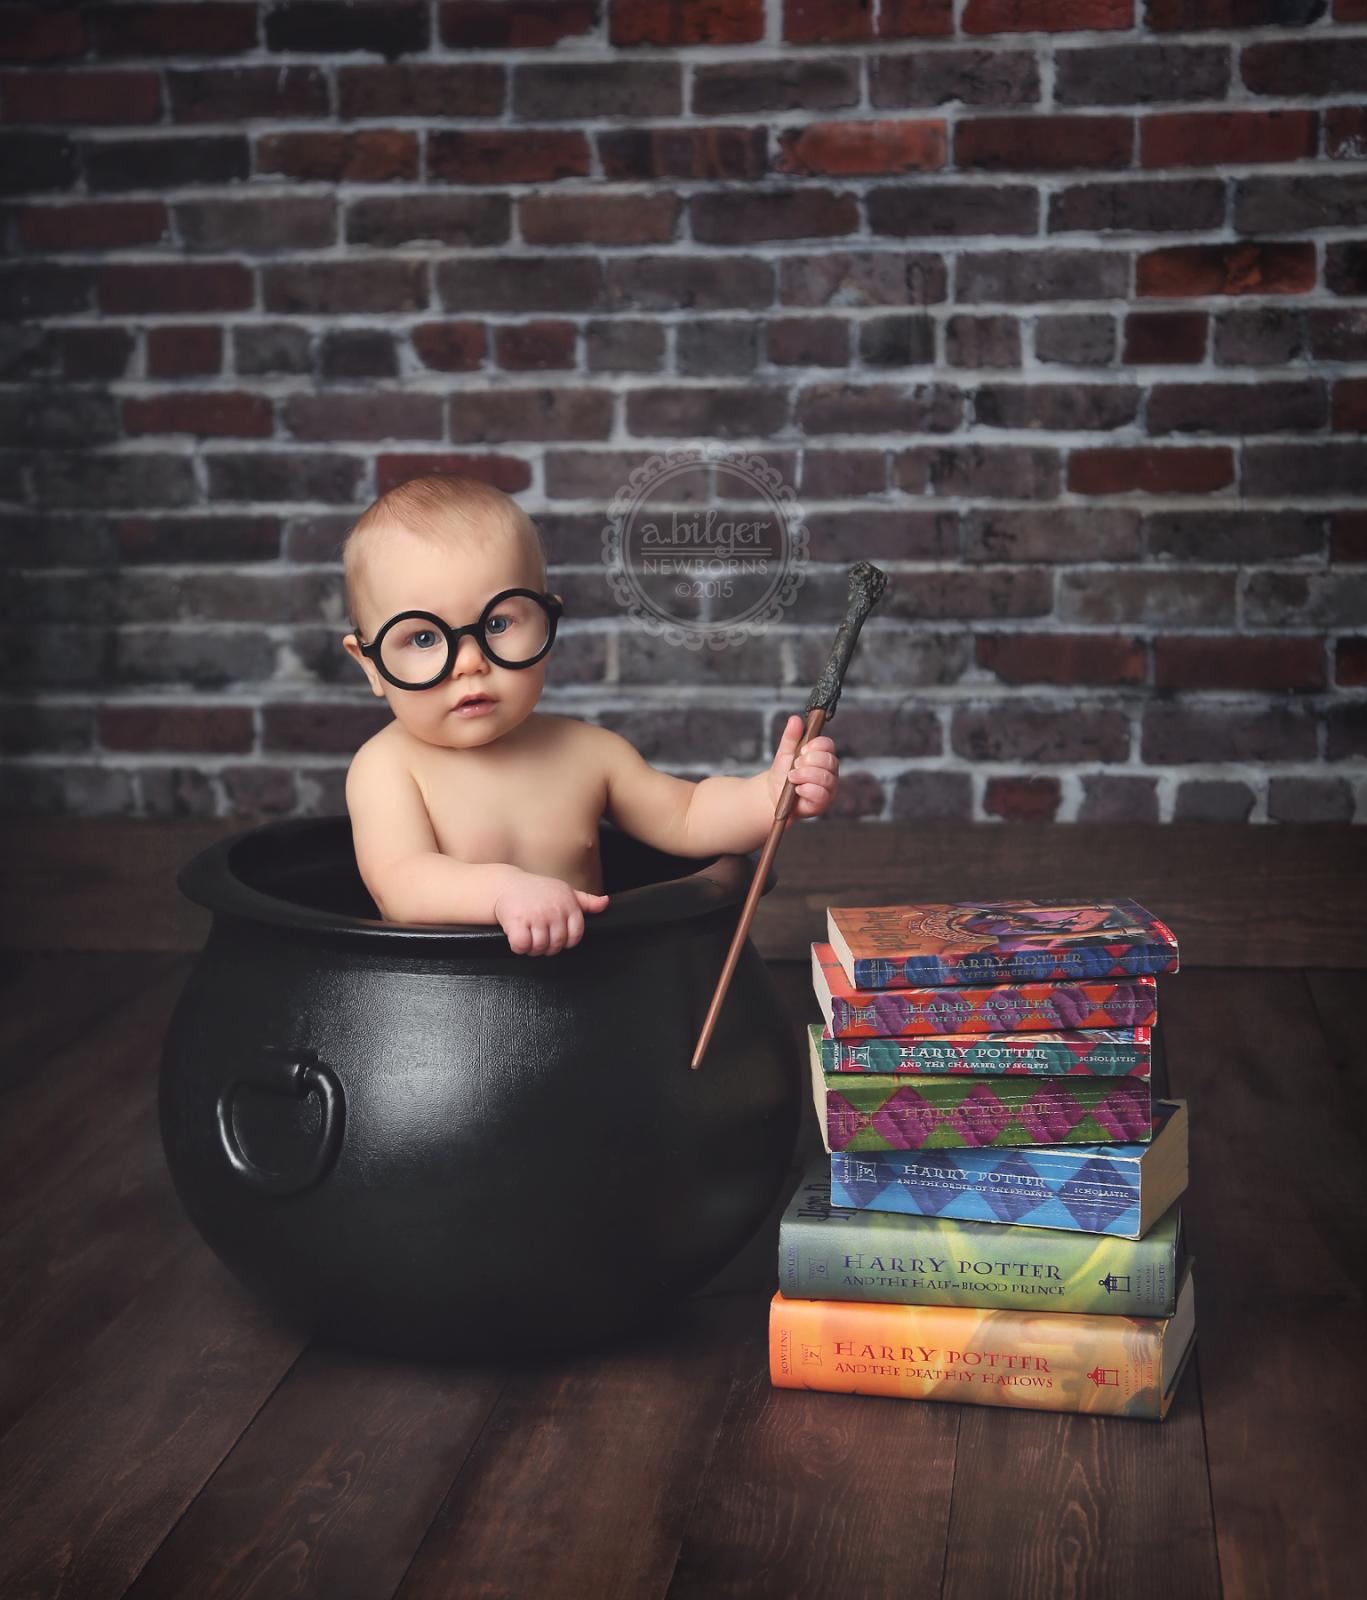 36 fotos que provam que pais nerds são os melhores PAIS DO MUNDO! 44